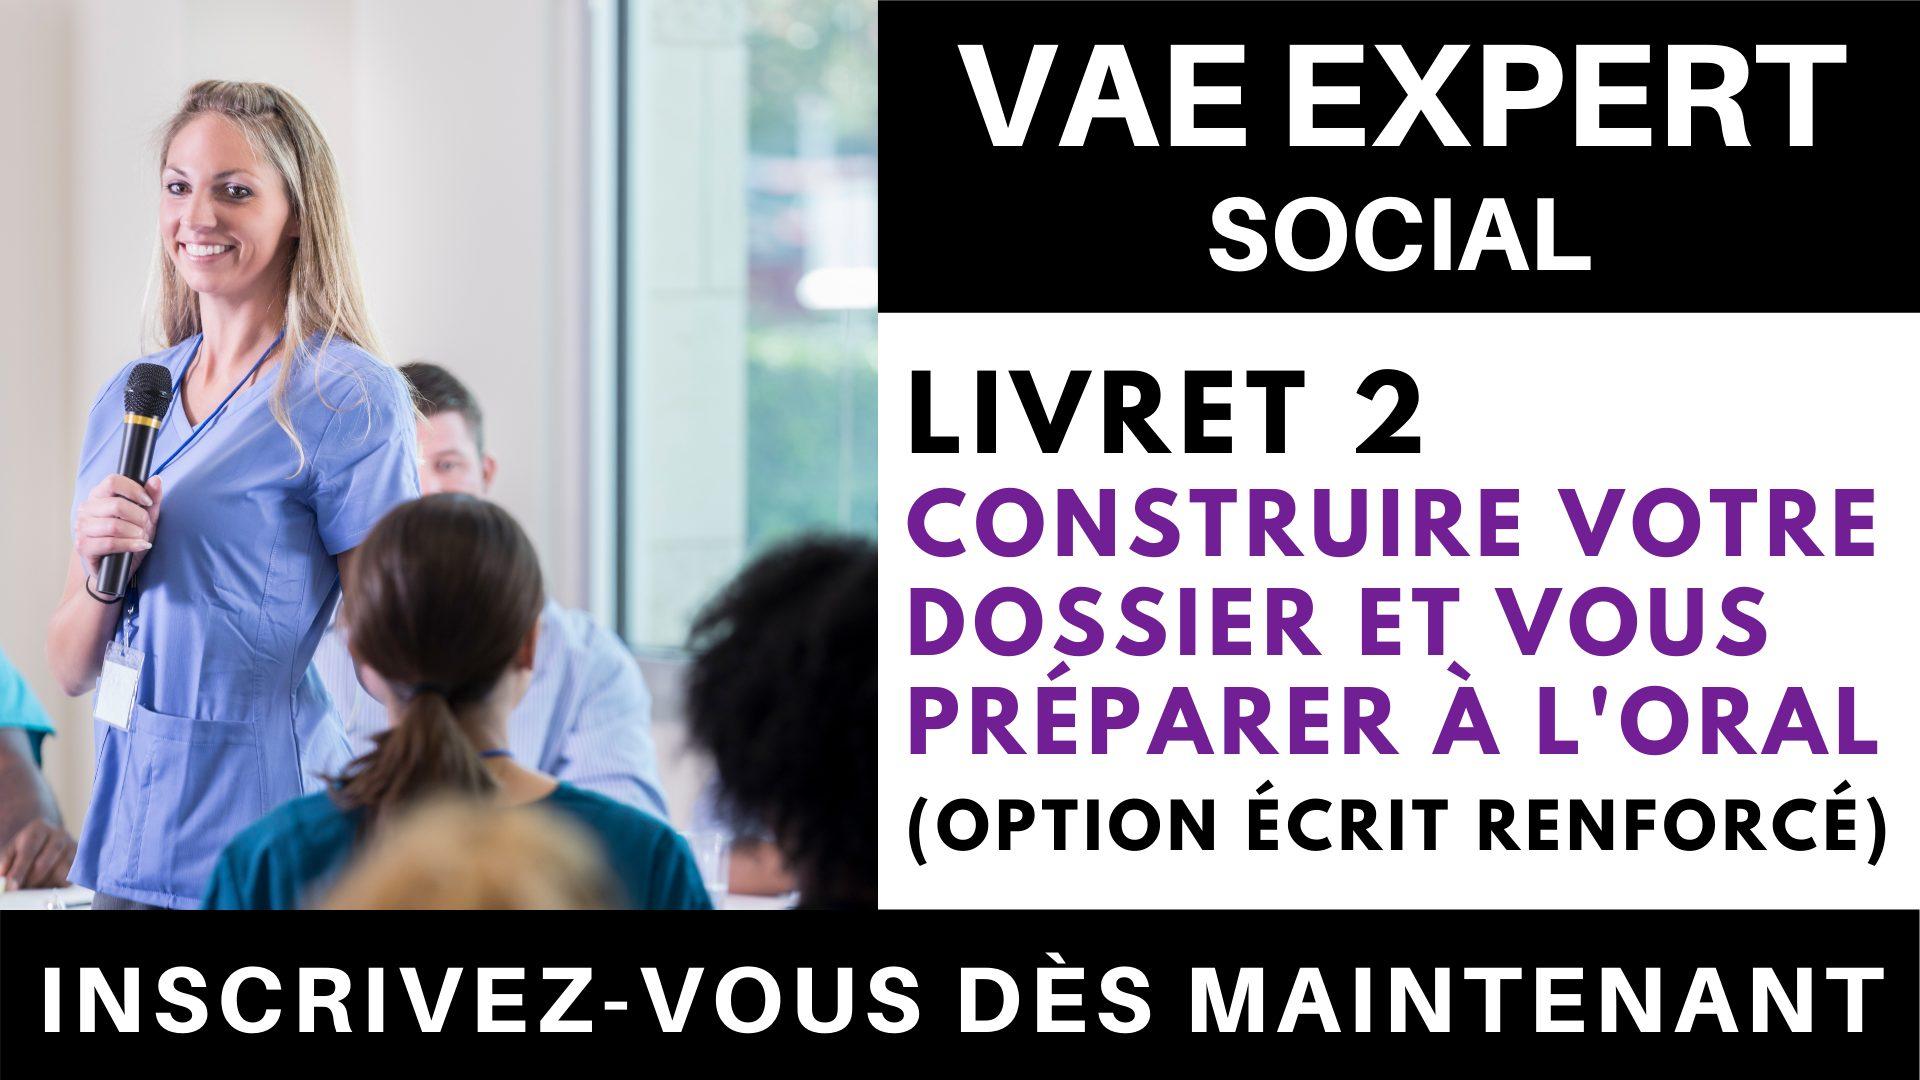 VAE EXPERT SOCIAL - Livret 2 Construire votre dossier et vous préparer à l'oral (option écrit renforcé)